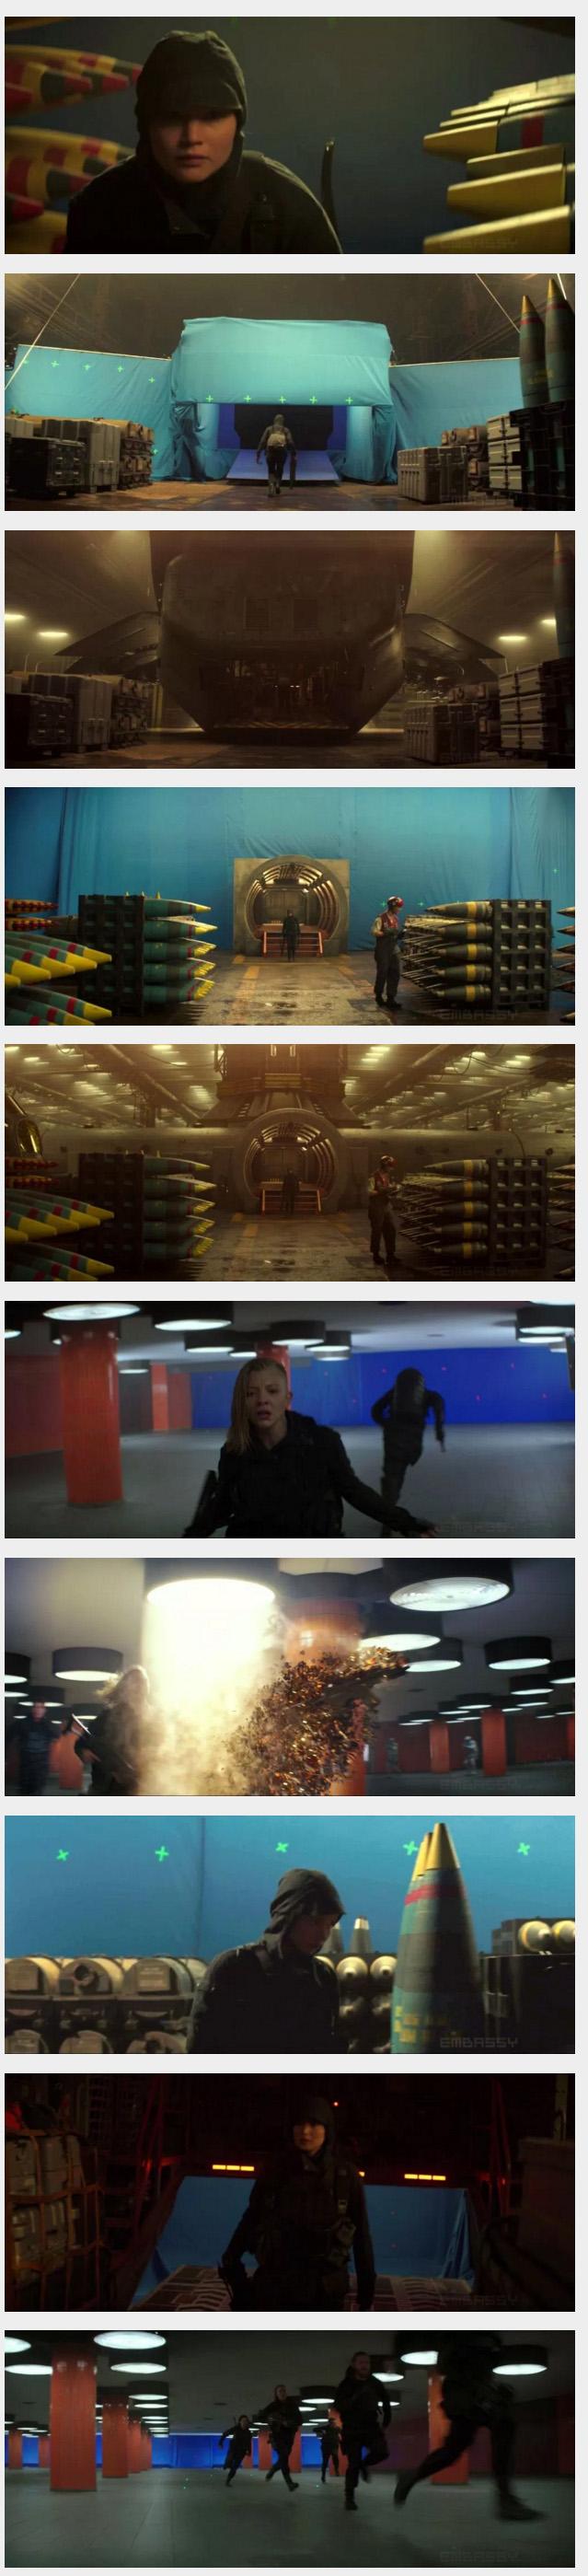 [赏析]电影《饥饿游戏3:嘲笑鸟》VFX特效幕后制作花絮,The Embassy制作